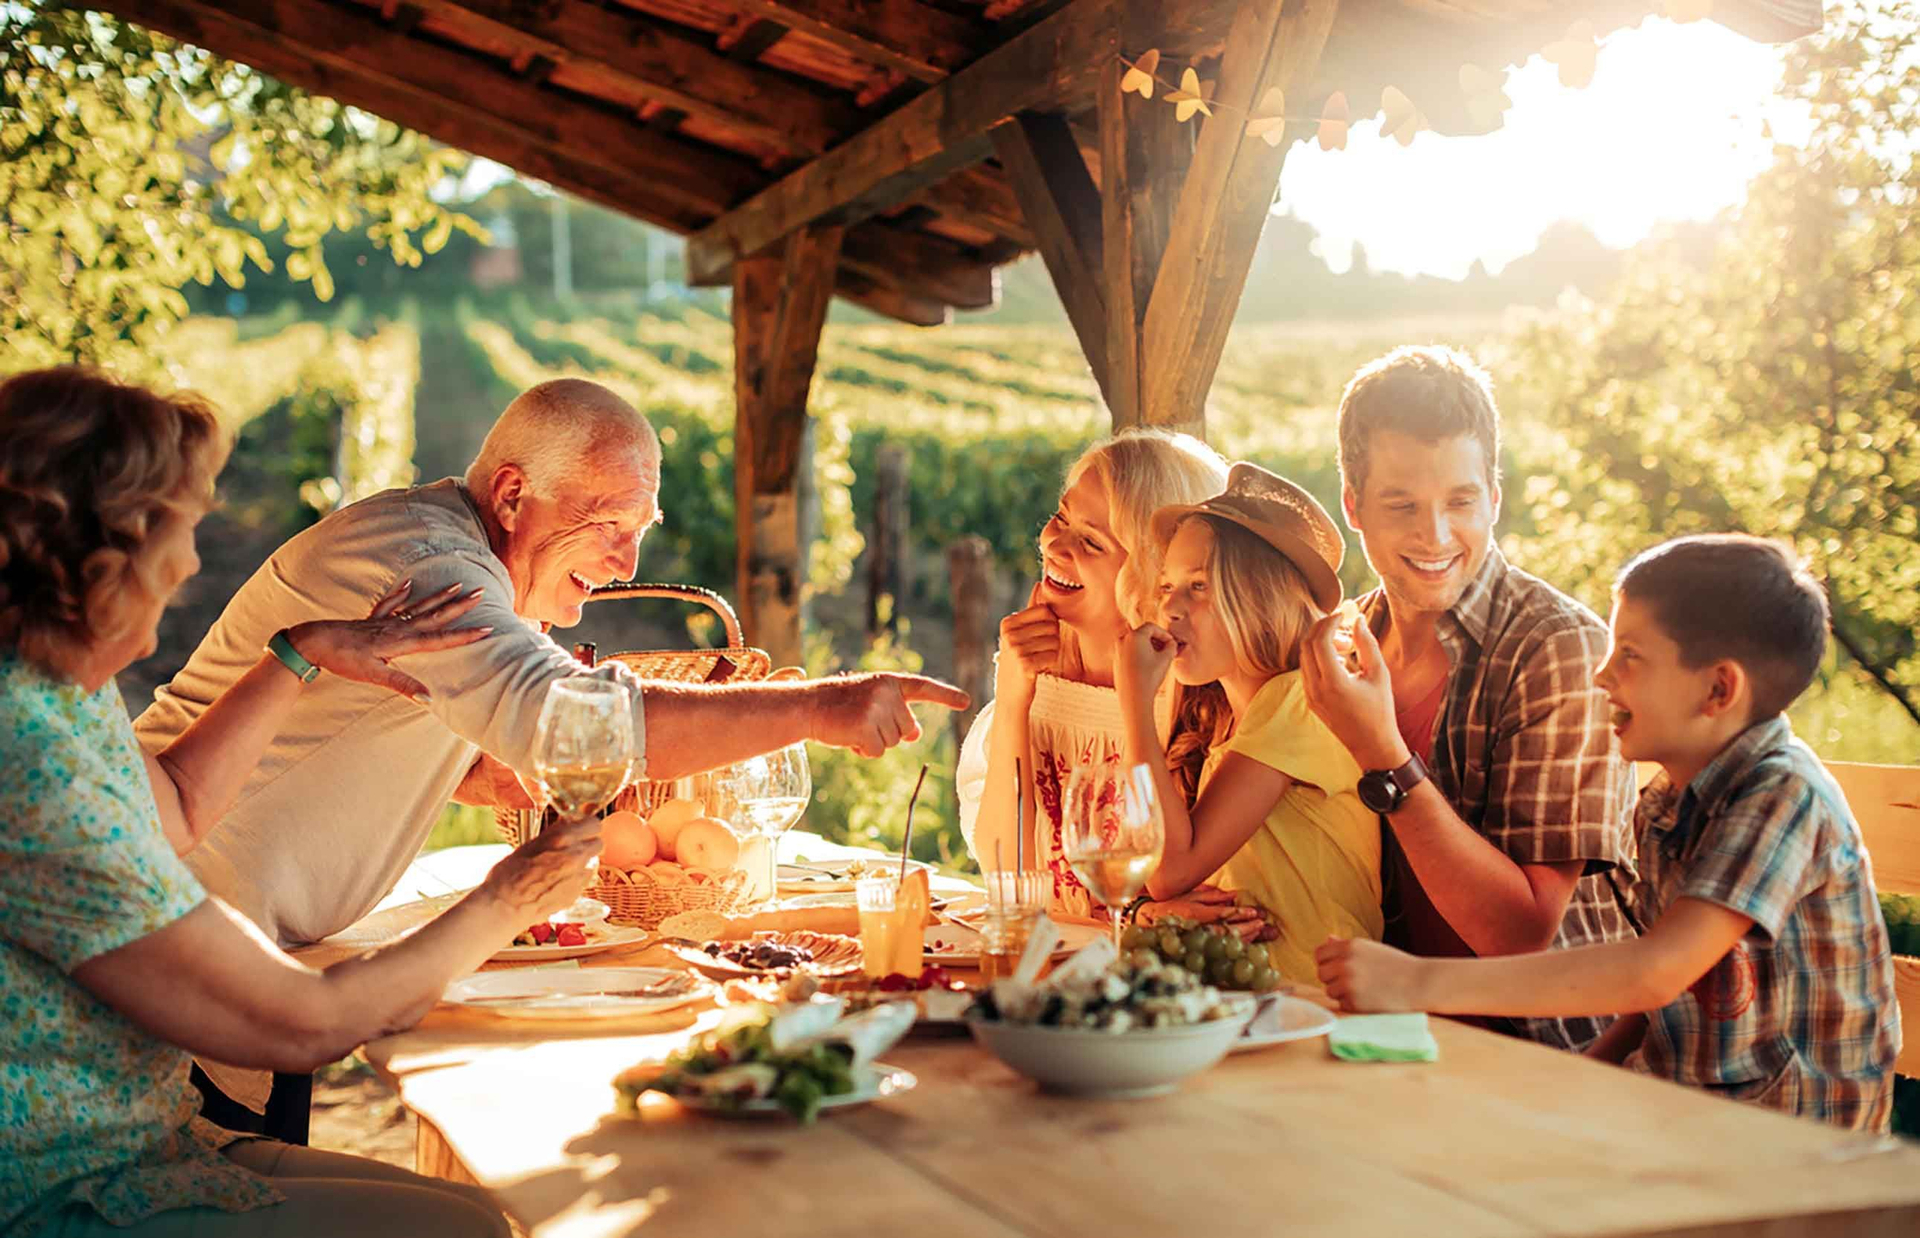 сторона картинки семья отдыхает дома кольцово отзывами